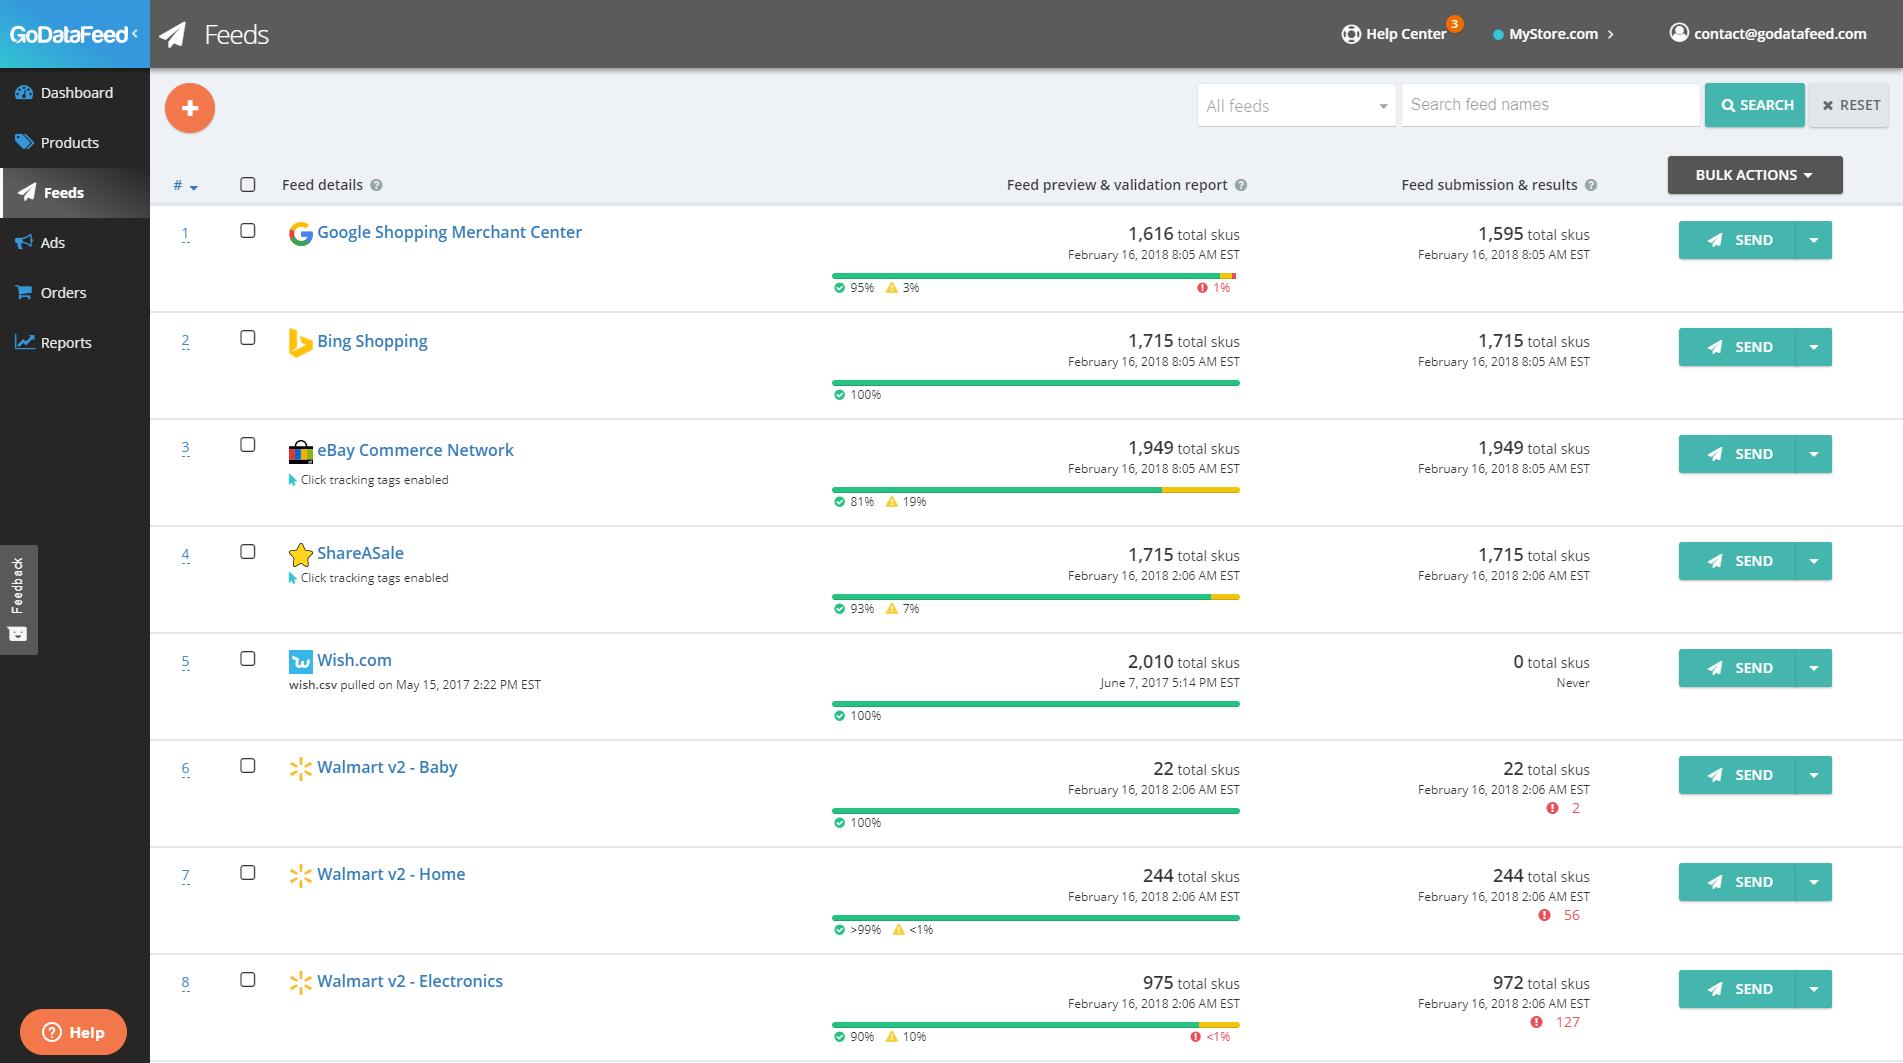 Screenshot of feed details on GoDataFeed feed management platform. <em>(Click to enlarge.)</em>